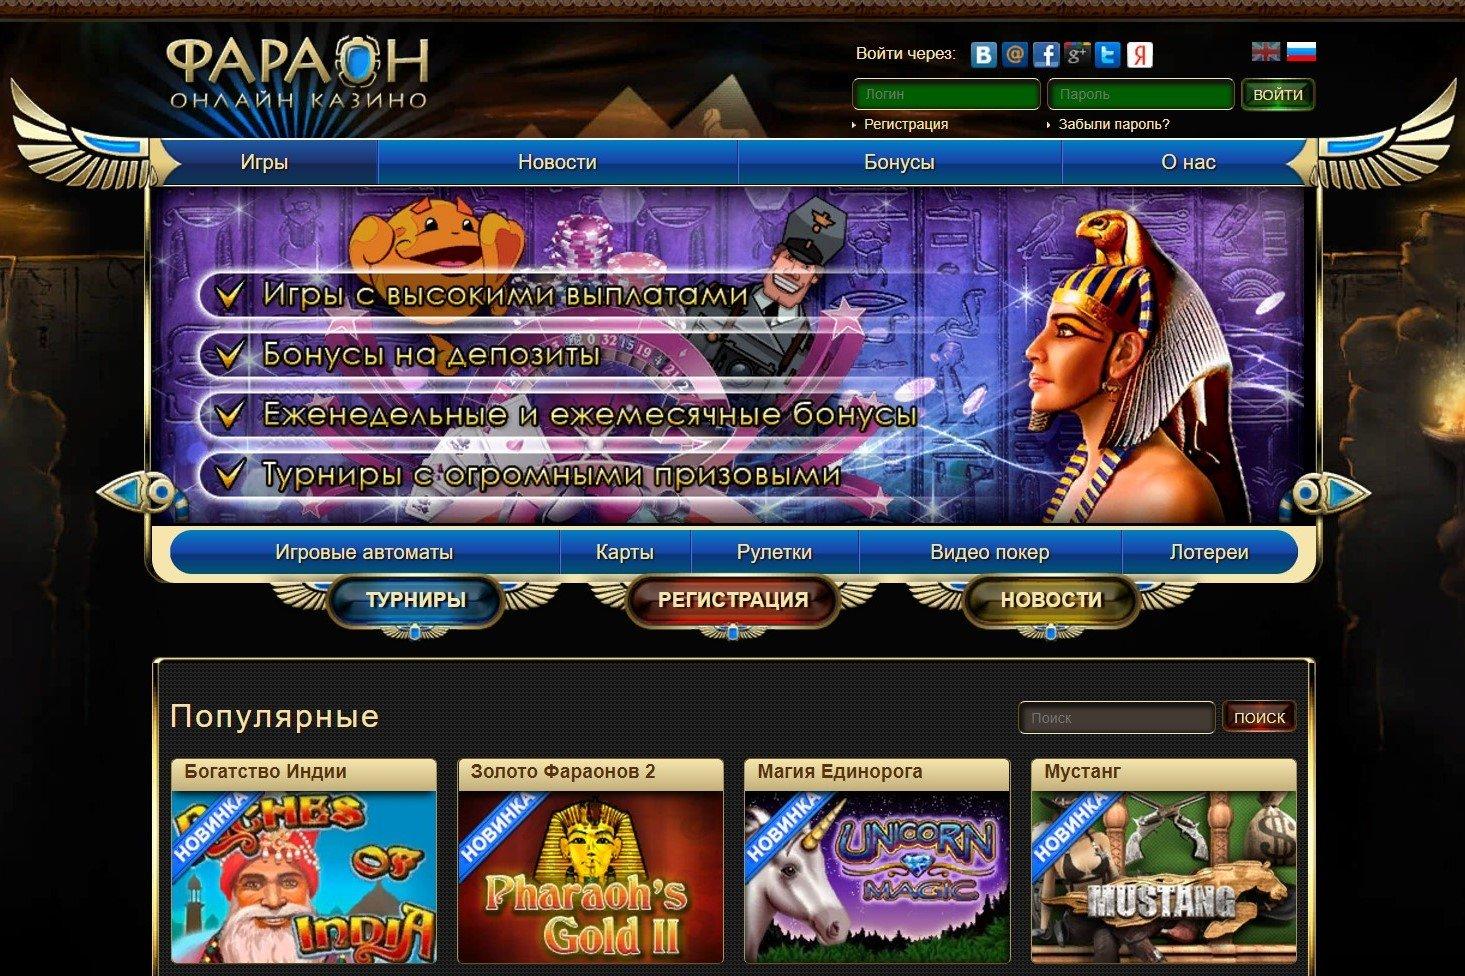 Игра в интернет казино Фараон